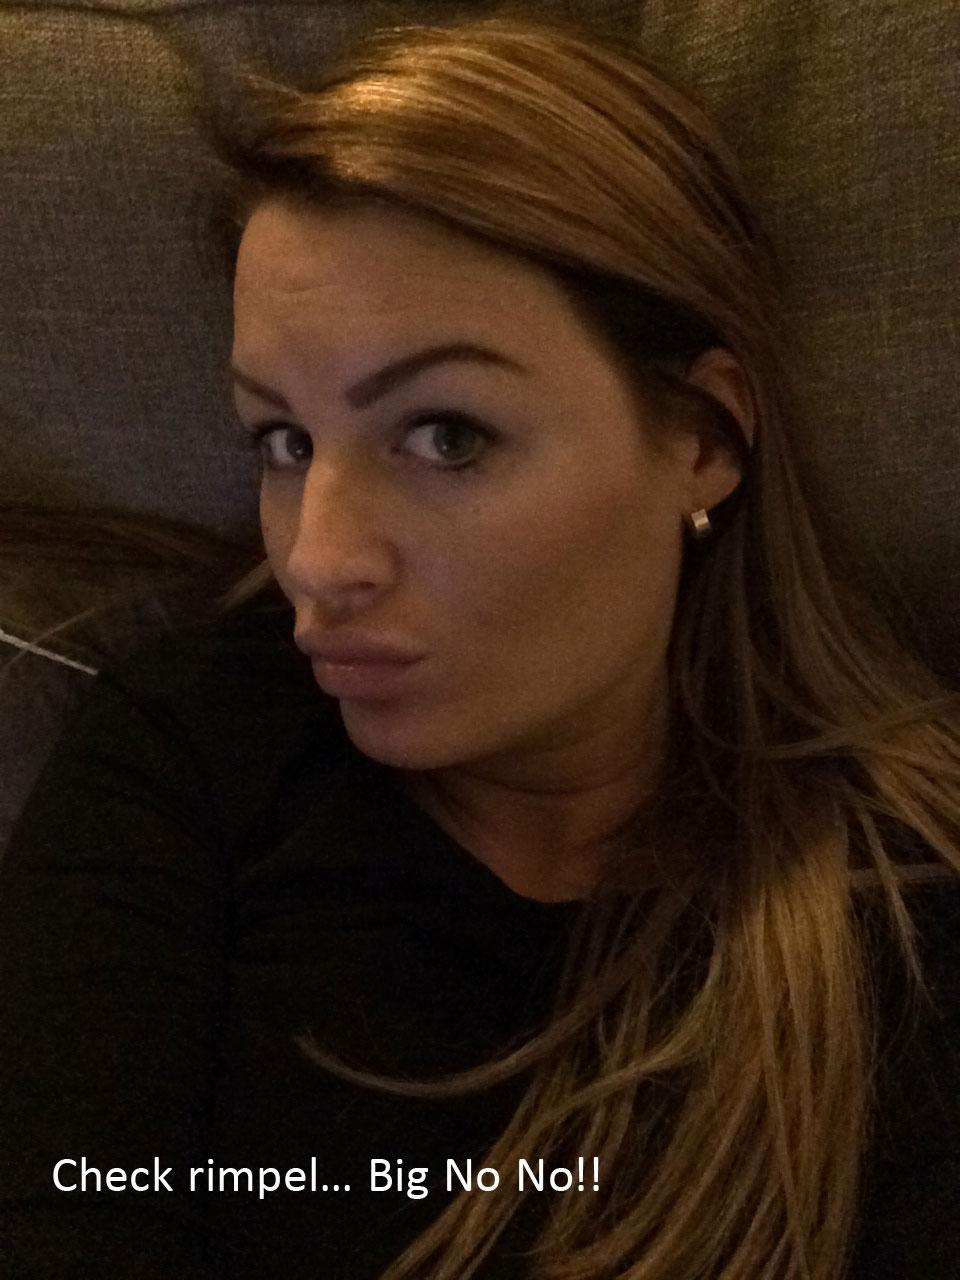 roos selfie duckface